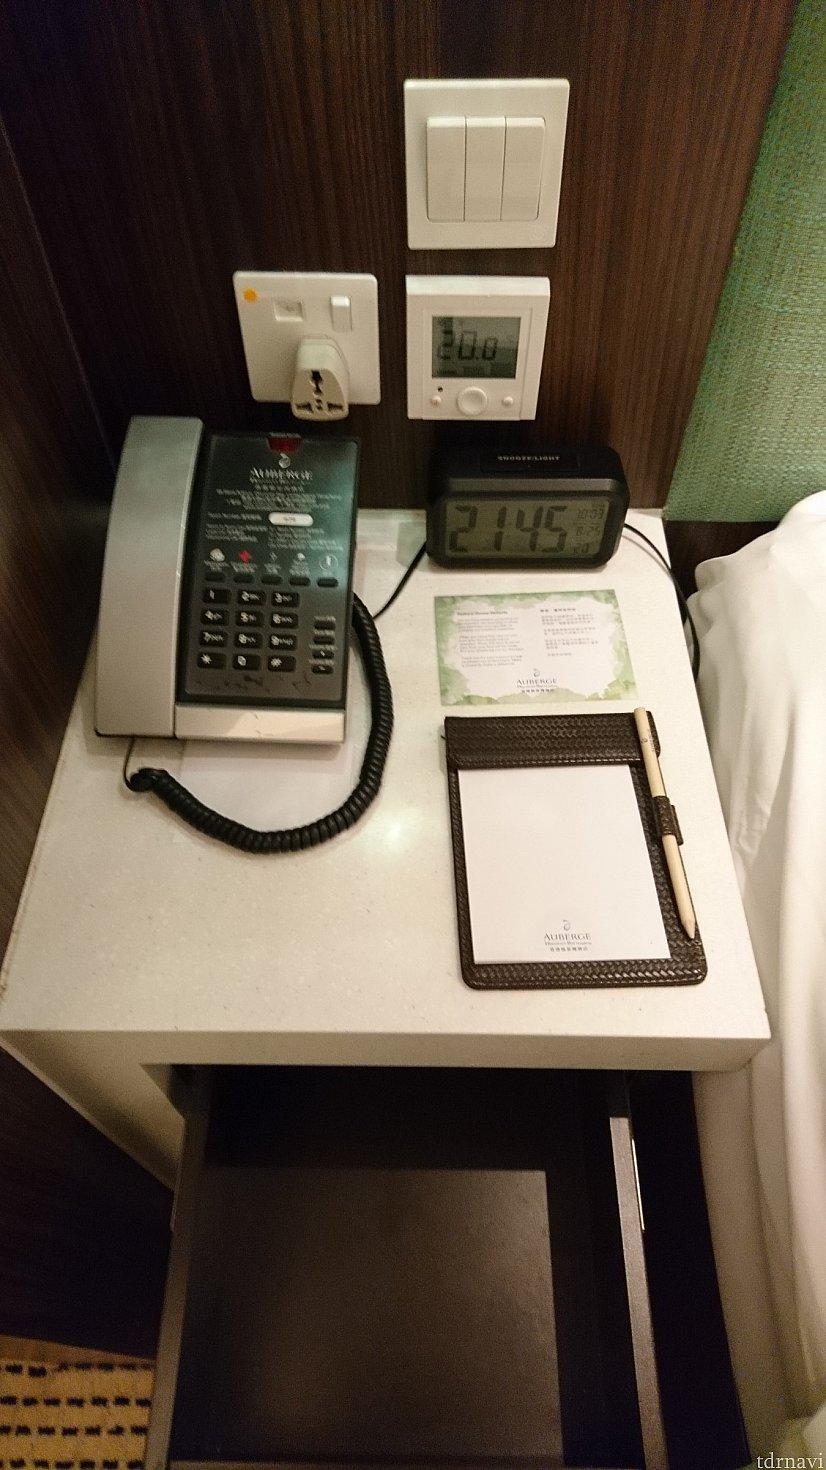 電源はベッド脇に1つあります。変換プラグもあります。 冷房もここで調節します。かなり冷房の効きはいいです!